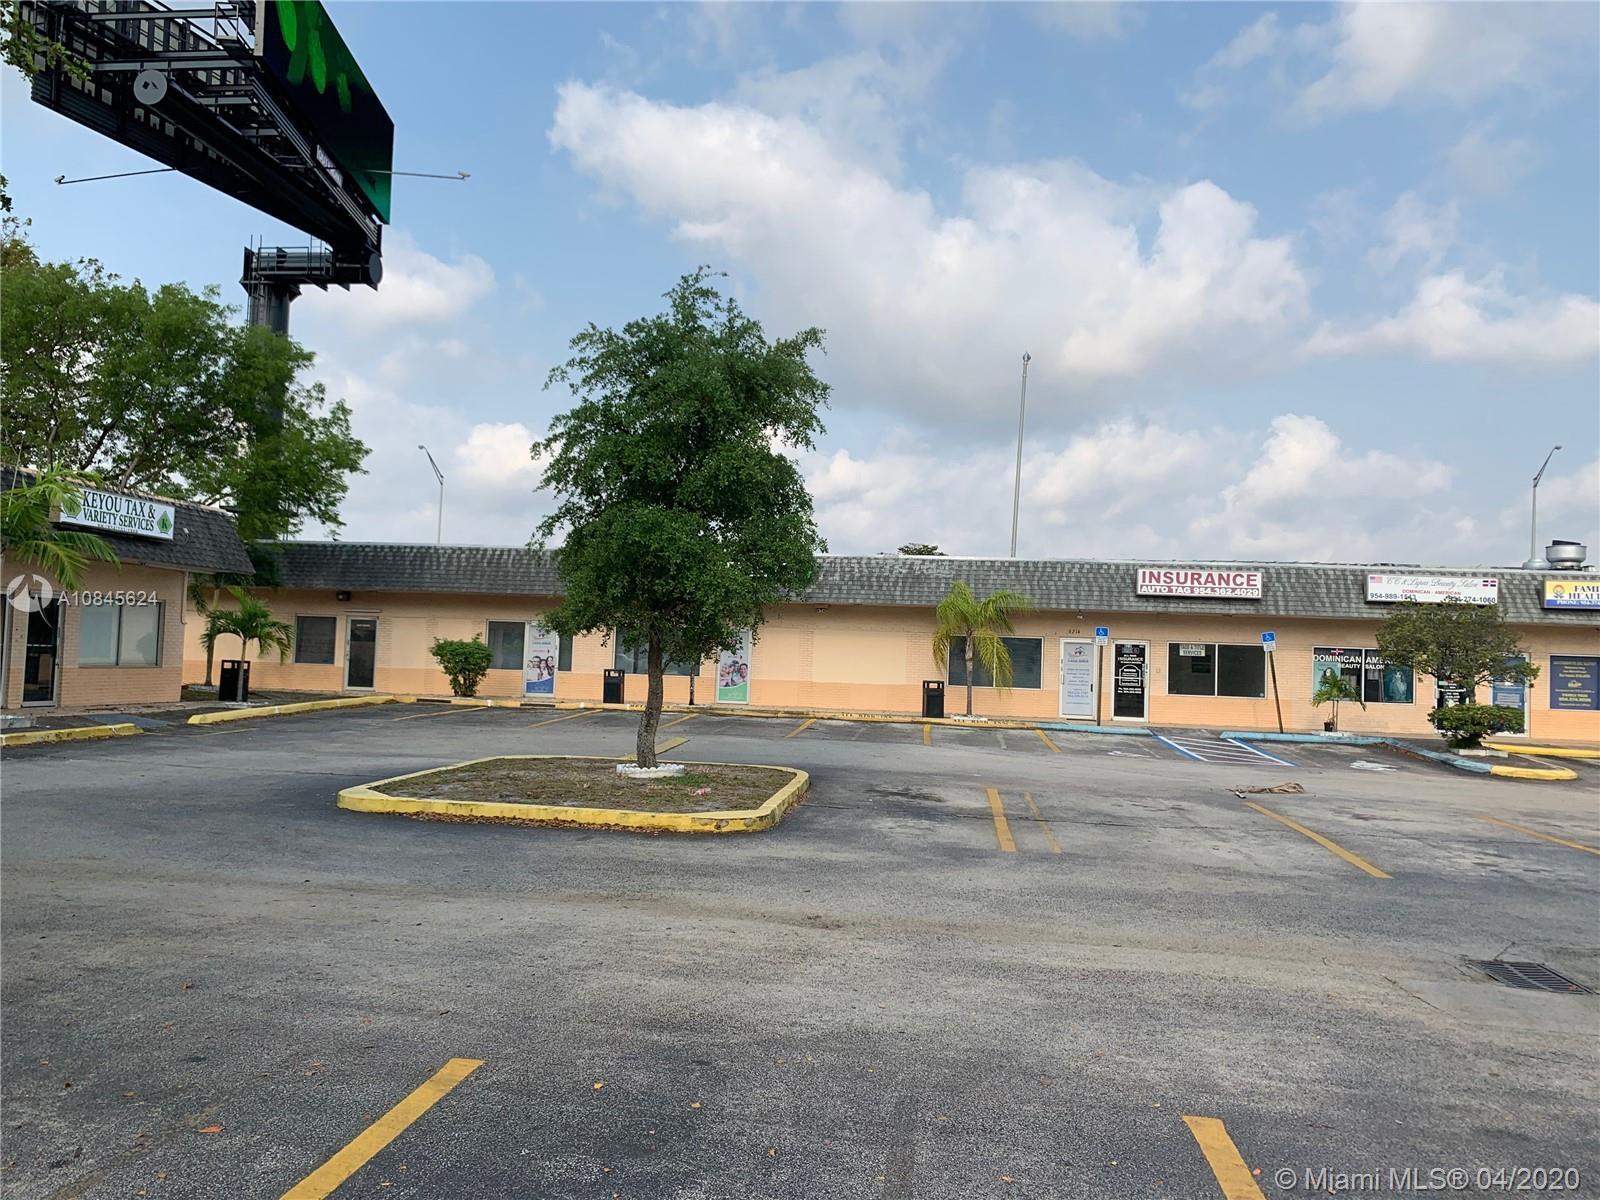 image #1 of property, 6200 Johnson St